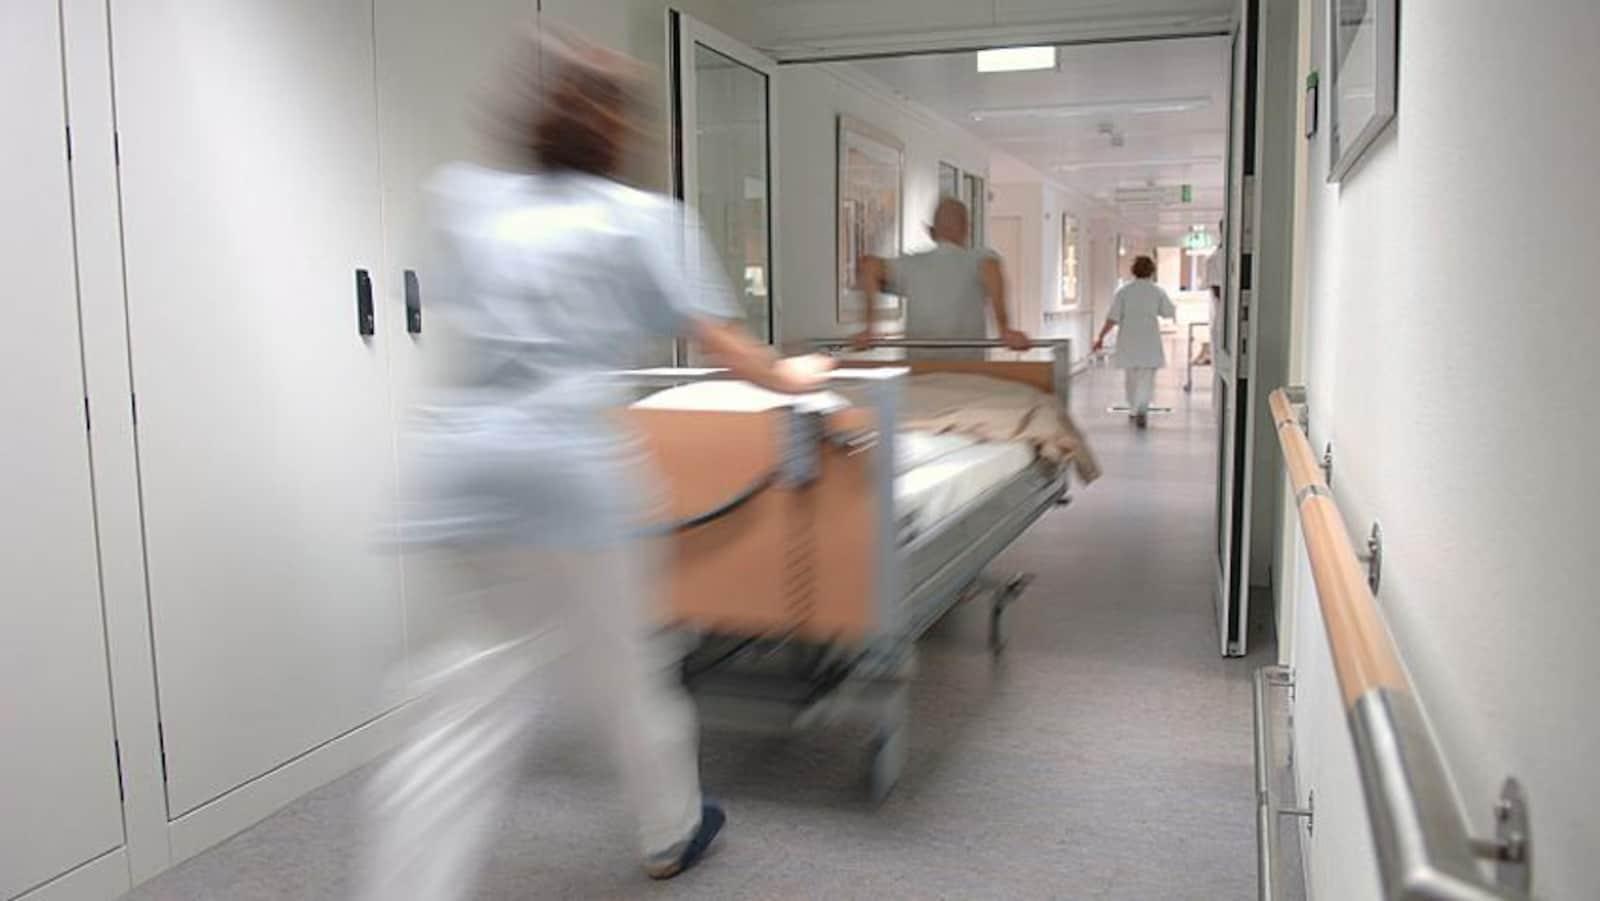 Des infirmières passent dans le couloir d'un hôpital de Winnipeg.